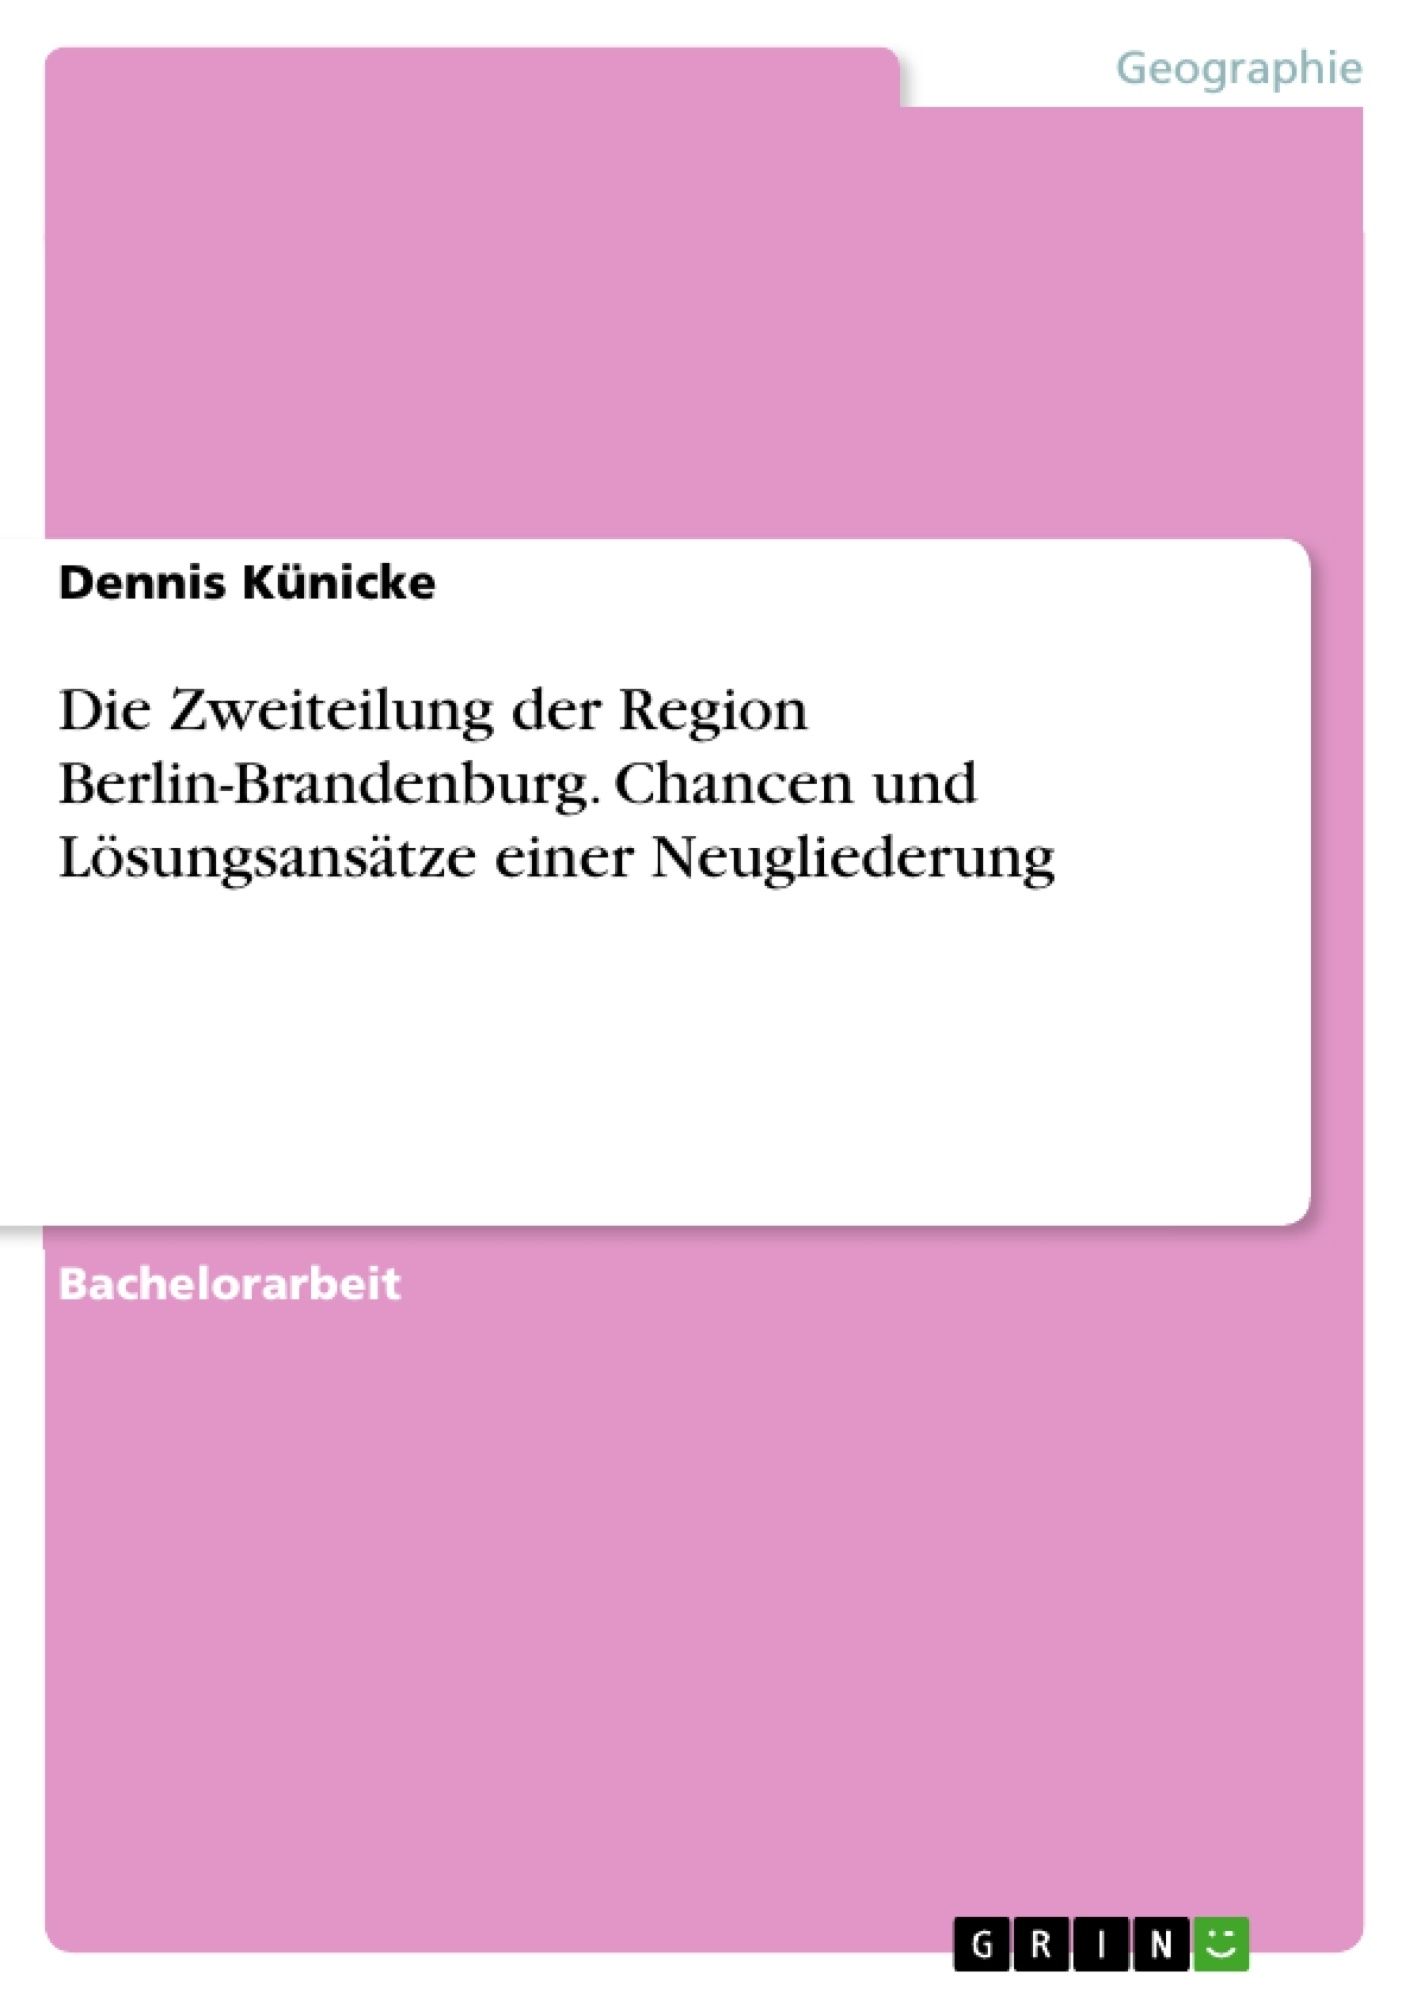 Titel: Die Zweiteilung der Region Berlin-Brandenburg. Chancen und Lösungsansätze einer Neugliederung